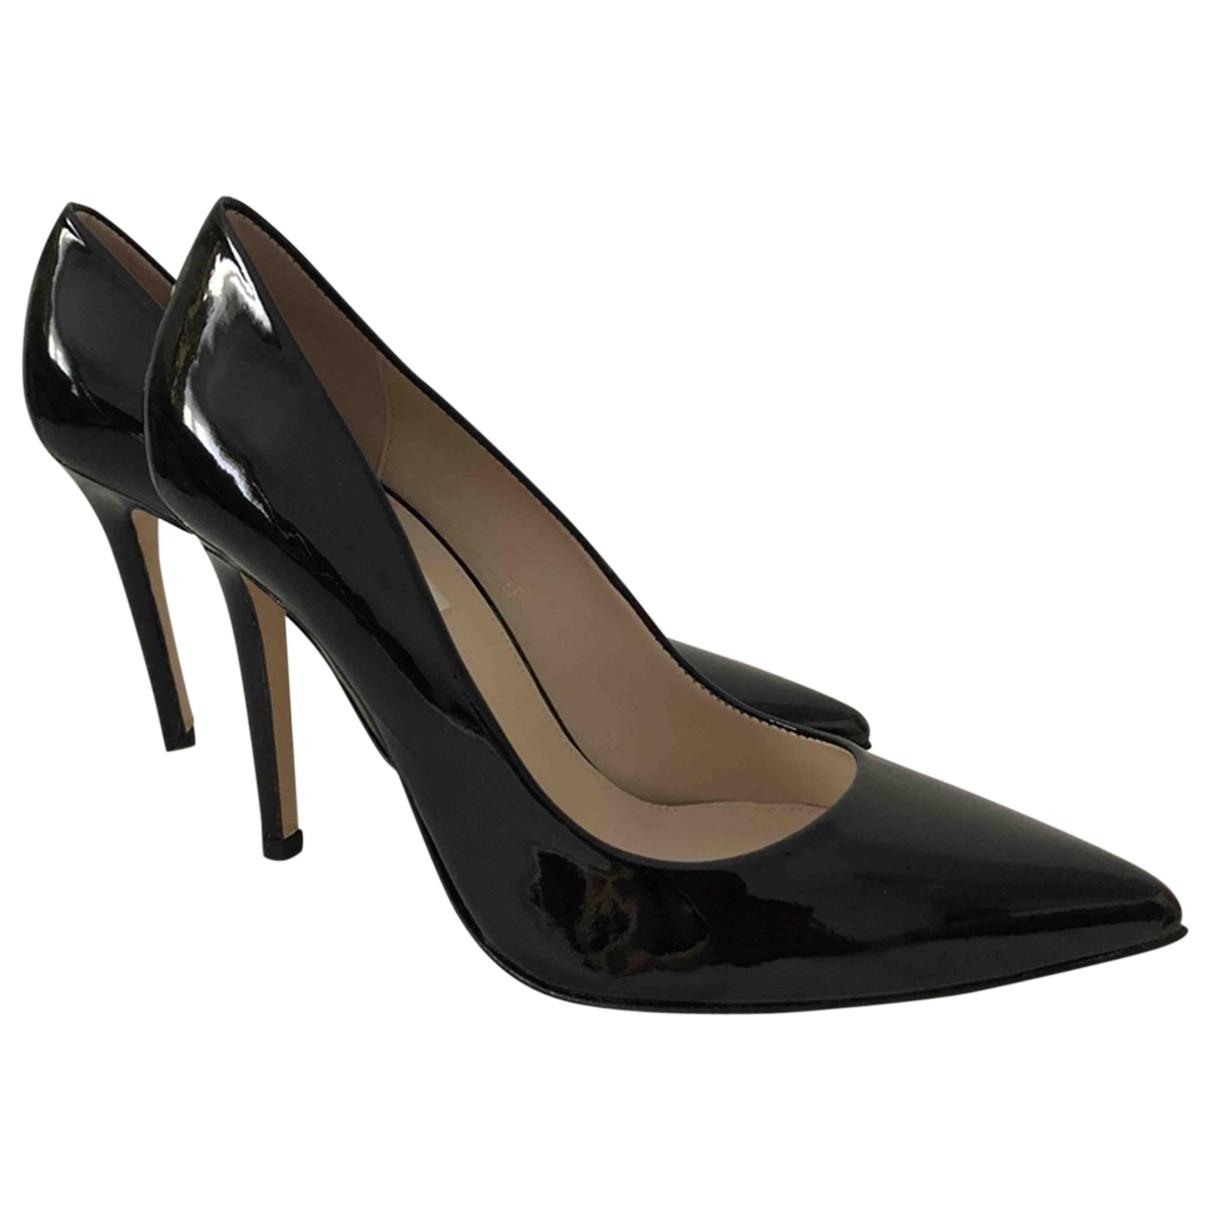 Whistles - Escarpins   pour femme en cuir verni - noir